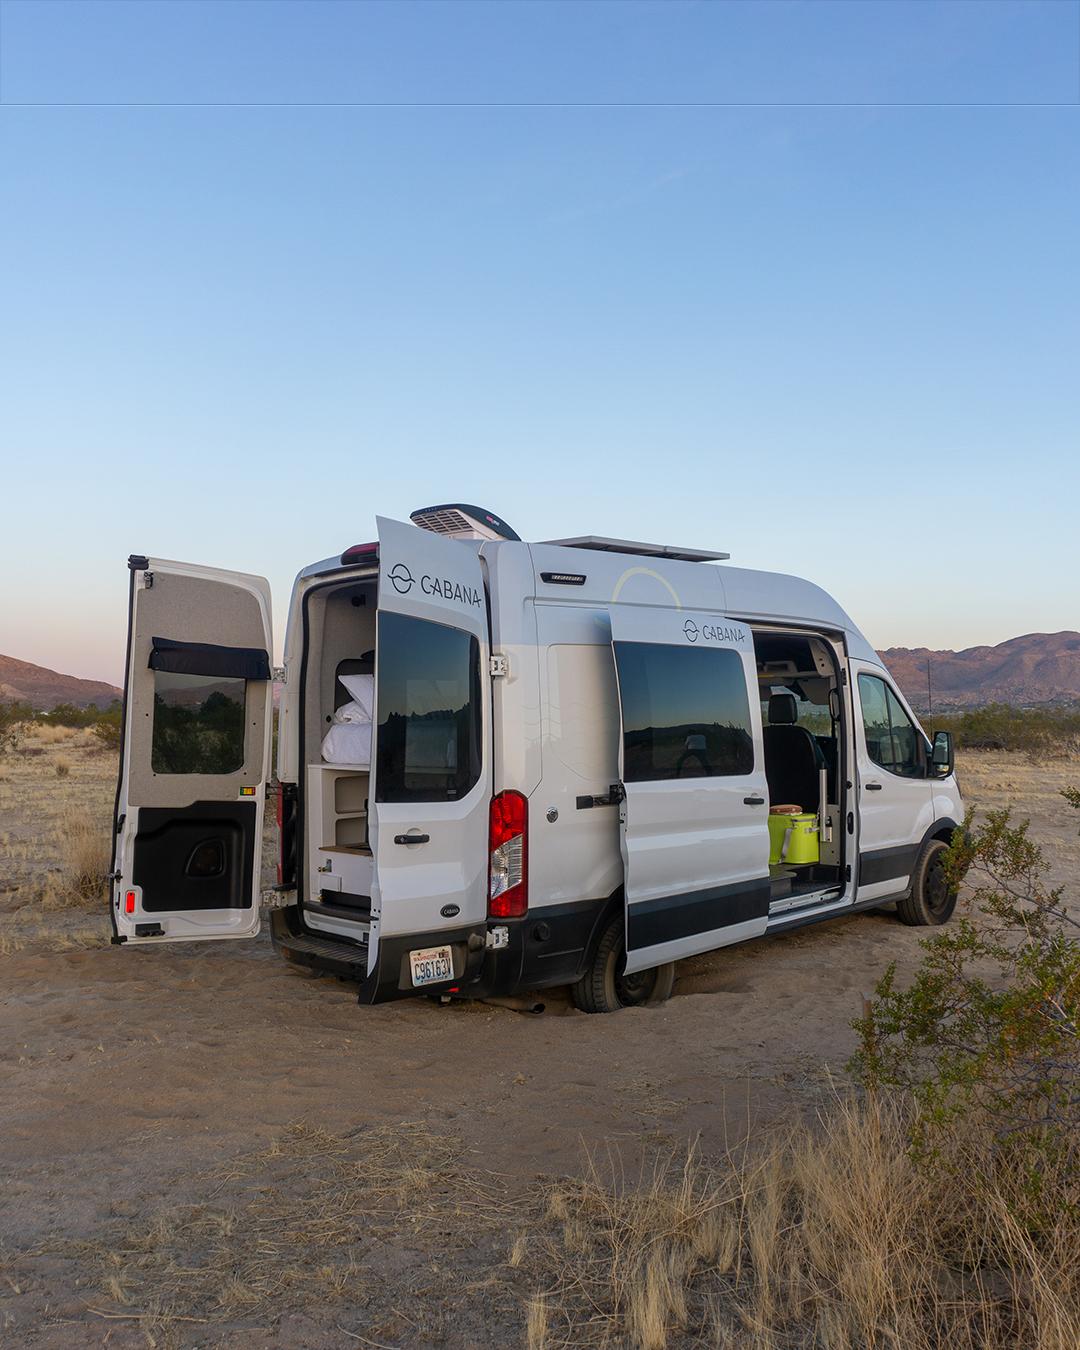 ford campervan with doors open